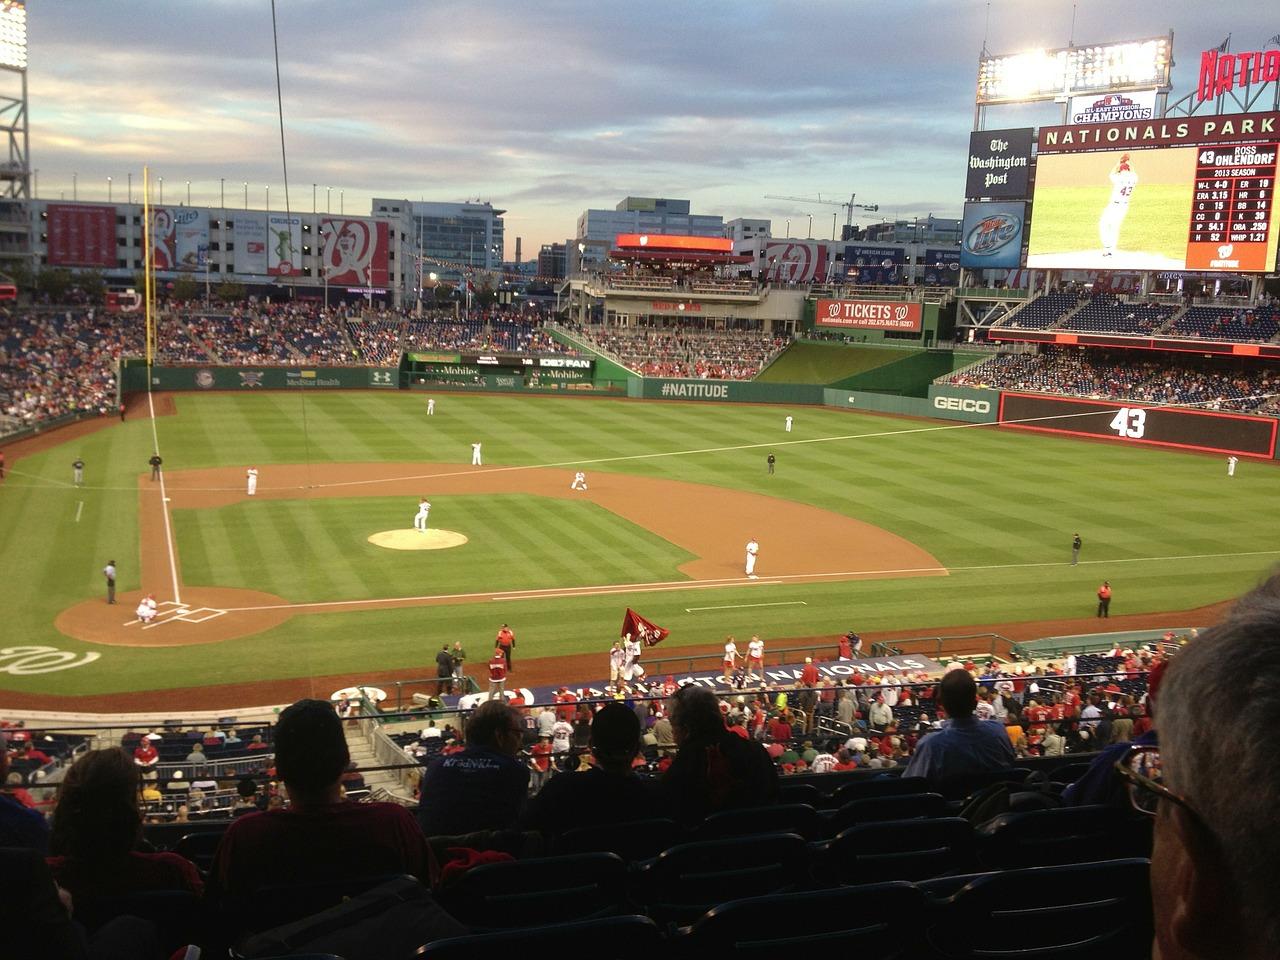 baseball-446526_1280.0.jpg